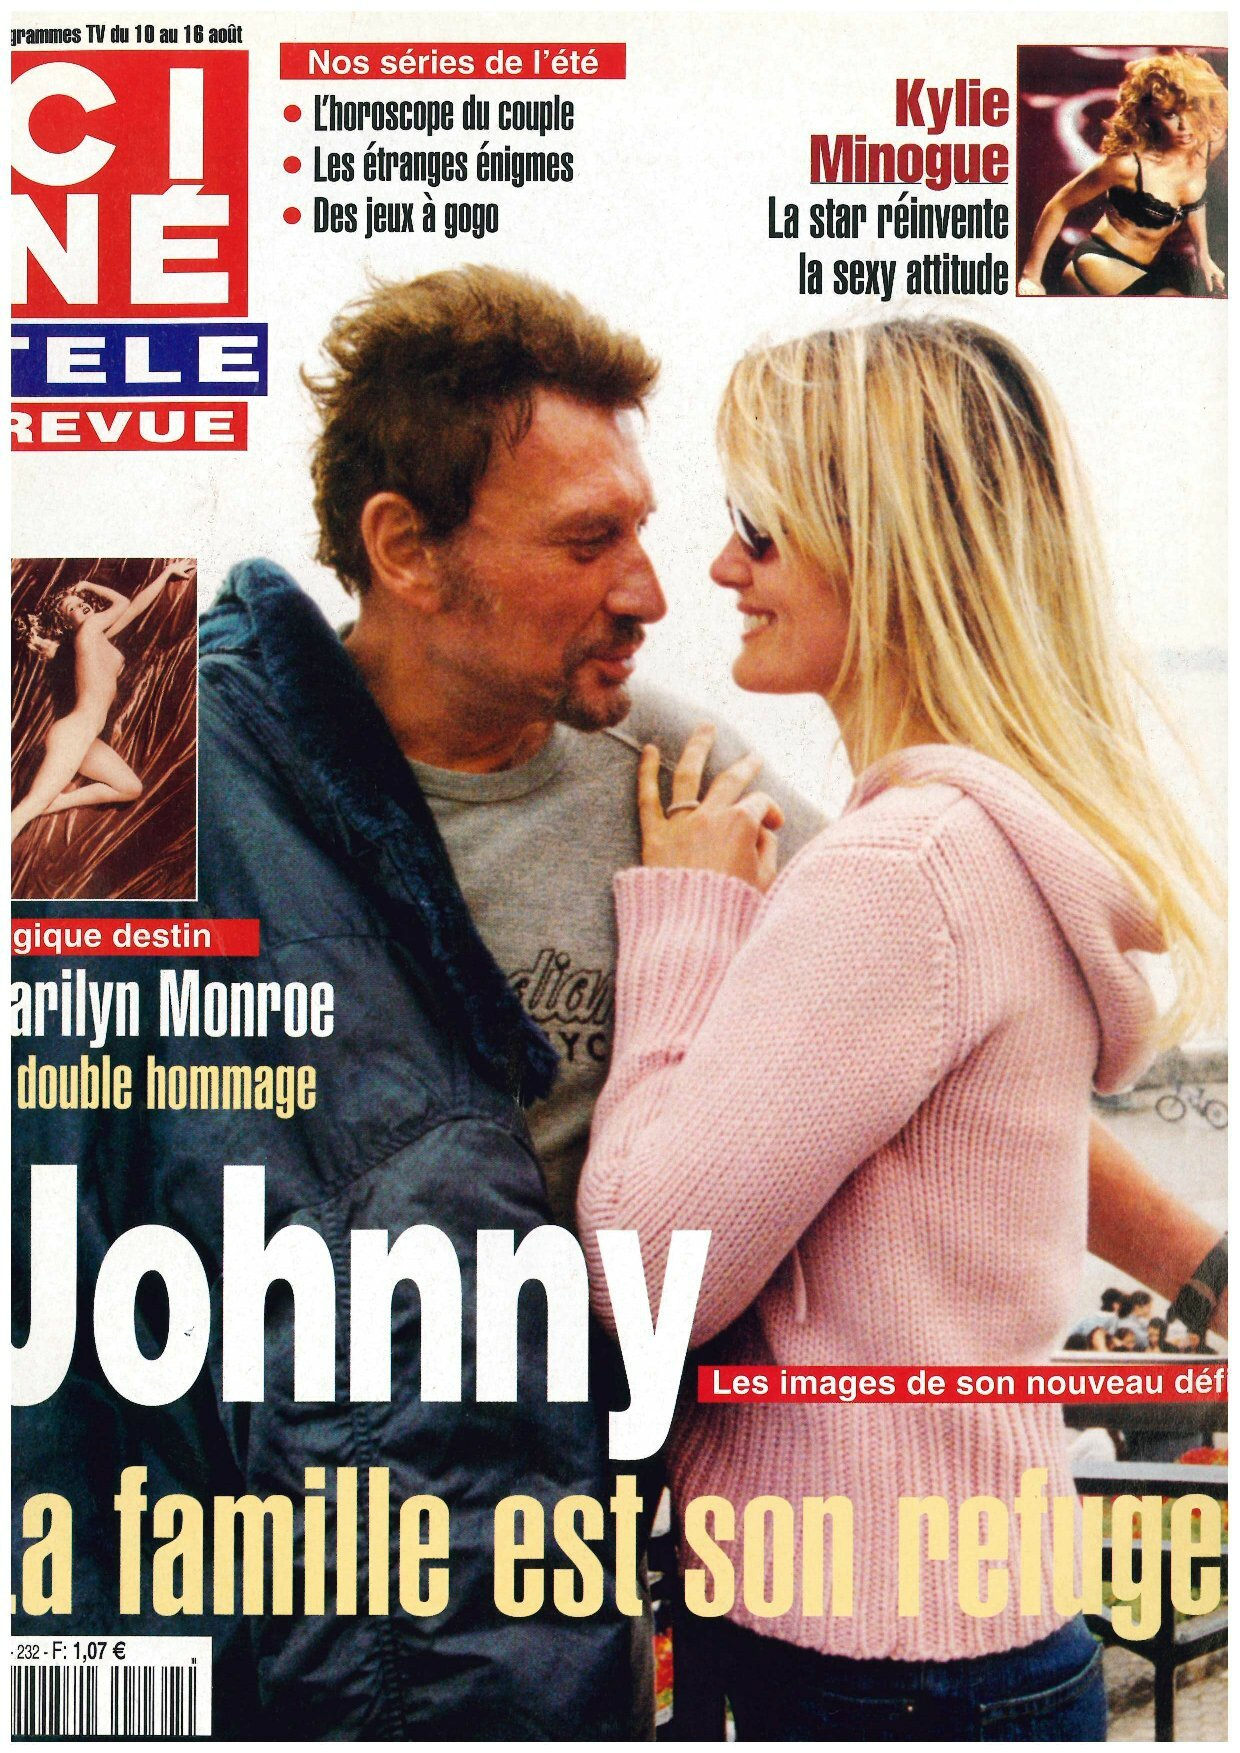 Ciné tele revue (Fr) 2002